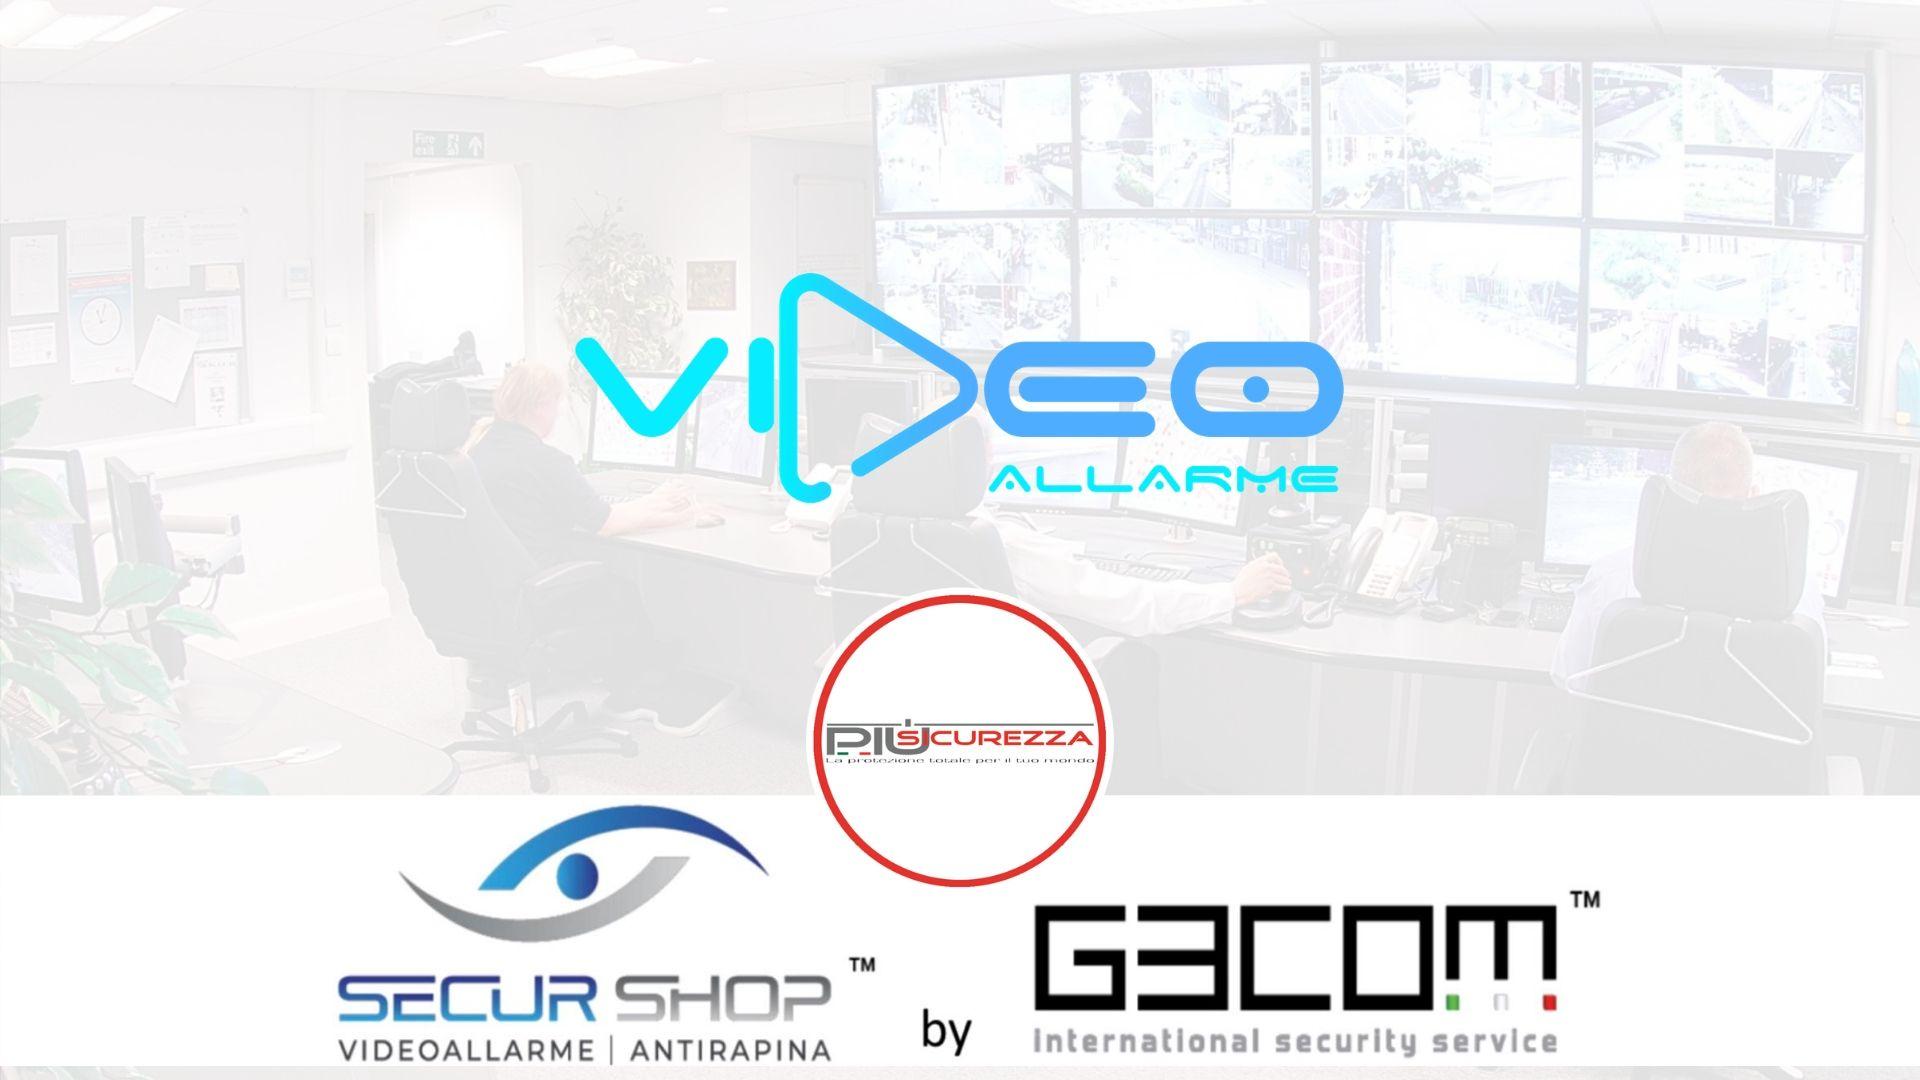 videoallarme securshop gecom